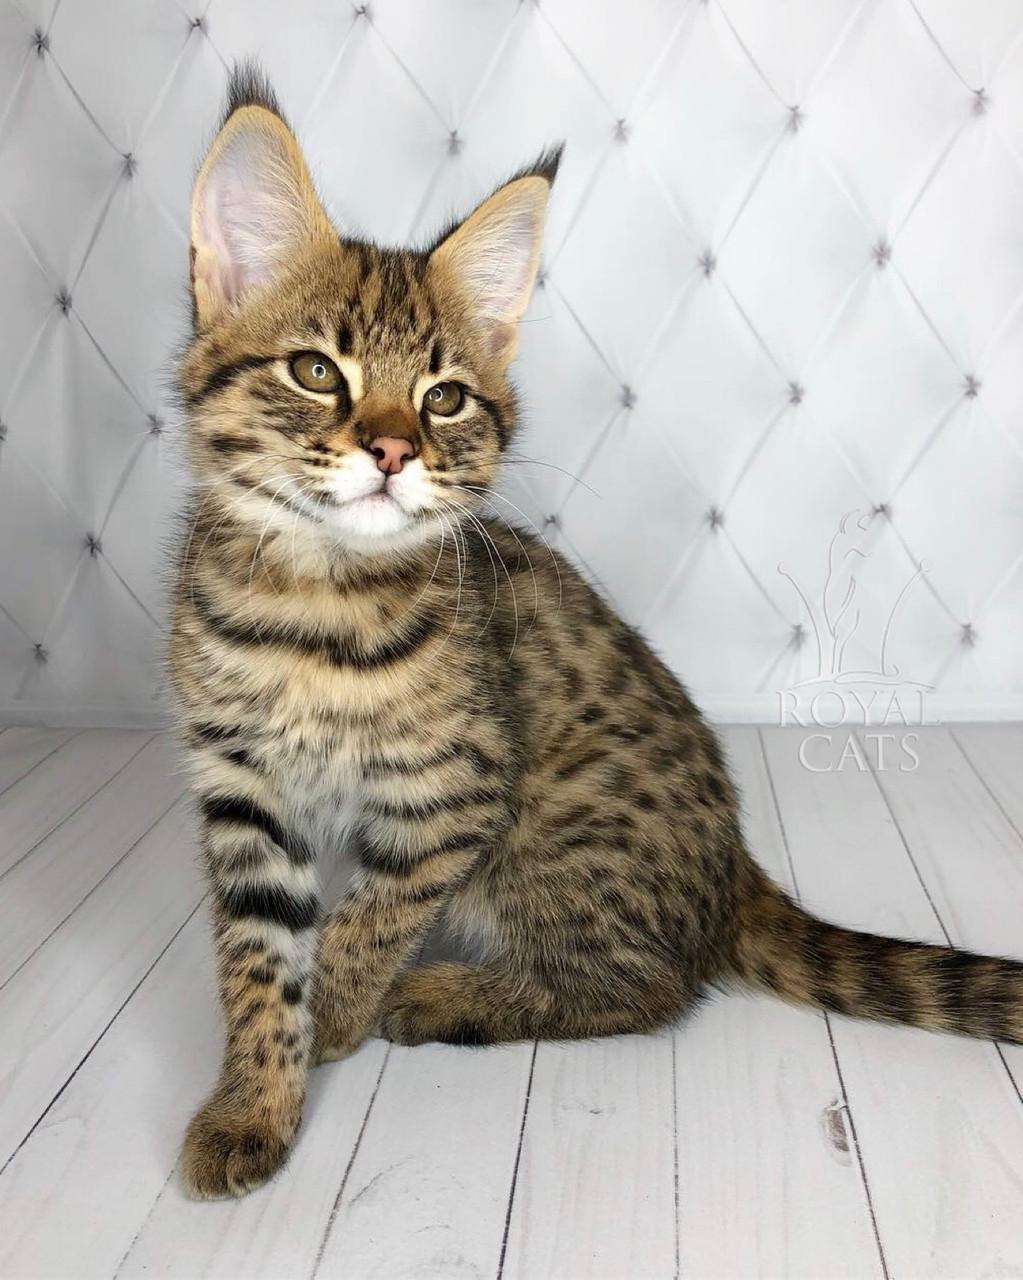 Котёнок Саванна Ф1 (Ашера) питомник Royal Cats. Мальчик Felix 03.08.18.